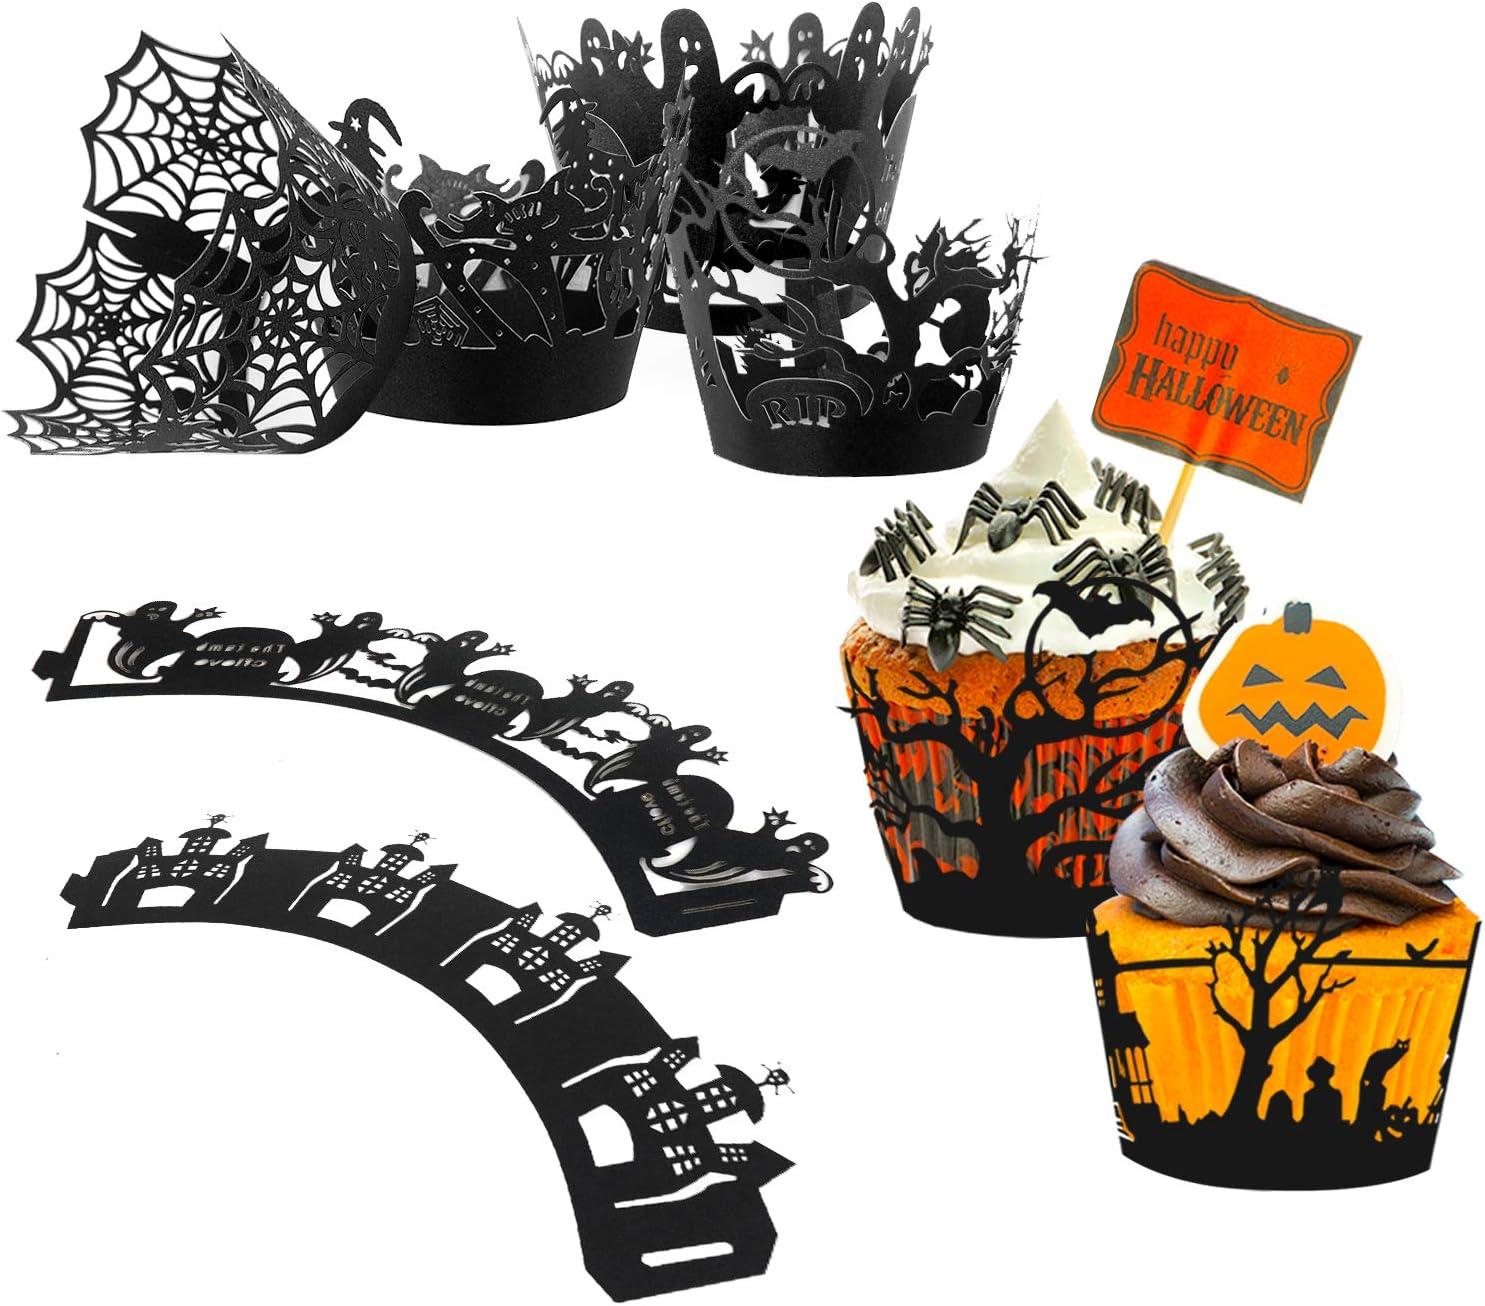 Weihnachten Party Tisch Dekoration f/ür Halloween ECHOAN 60 St/ück Papier-Backf/örmchen Hallowee Papier Spitze Cupcake Wrappers